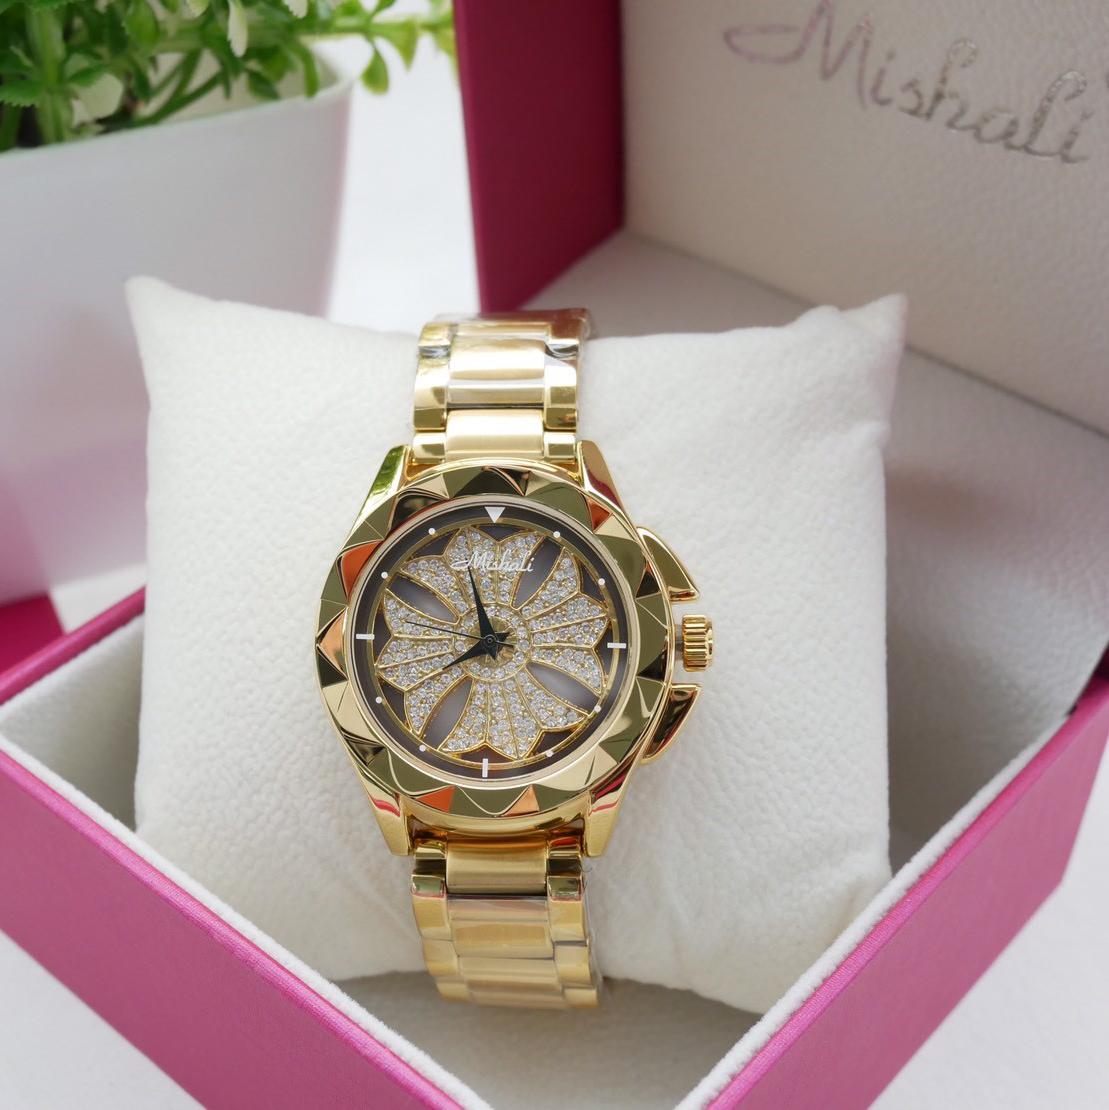 นาฬิกาข้อมือผู้หญิง MISHALI M13980A B